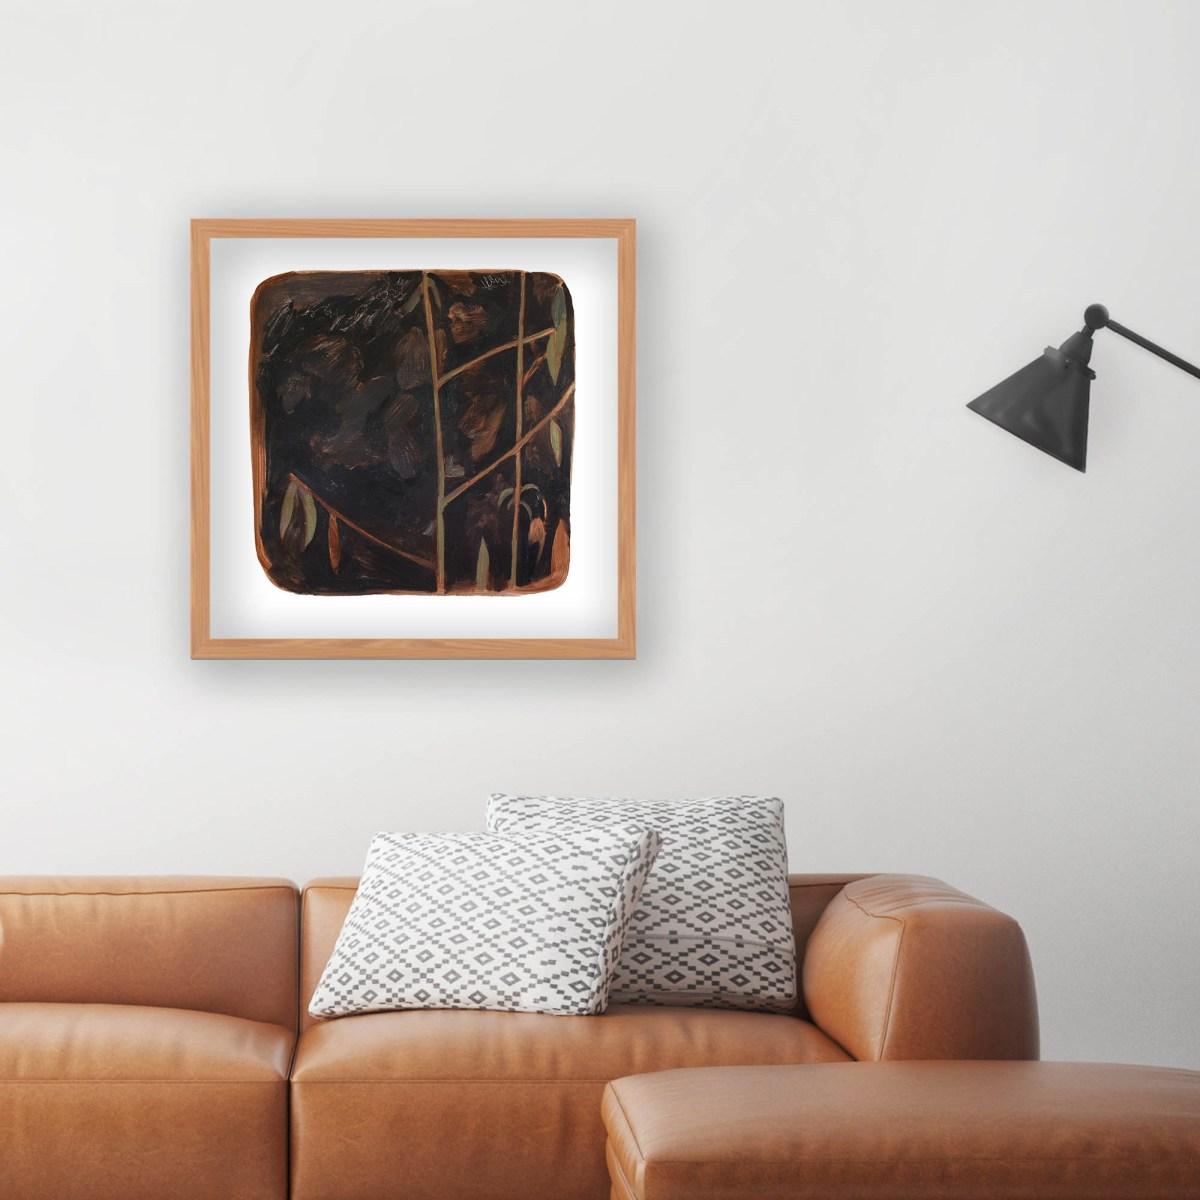 Pintura de la artista Alicia Ayanegui decorando un living